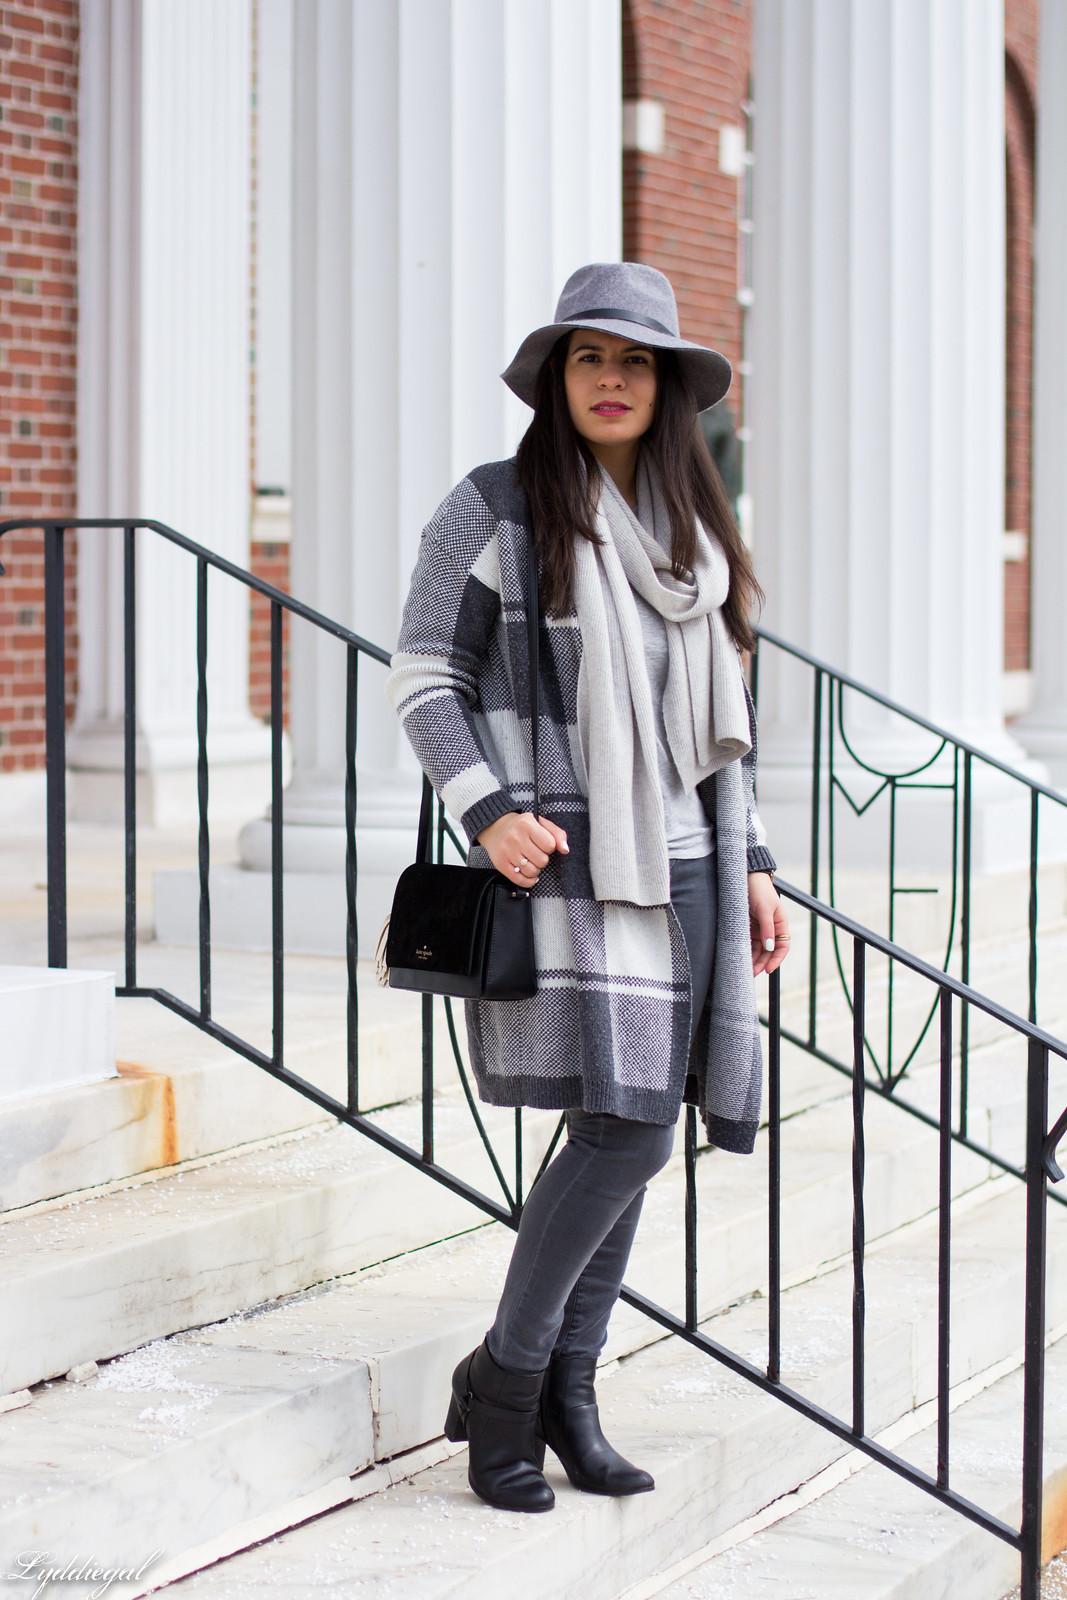 grey plaid cardigan, cashmere scarf, wool hat, grey jeans-1.jpg